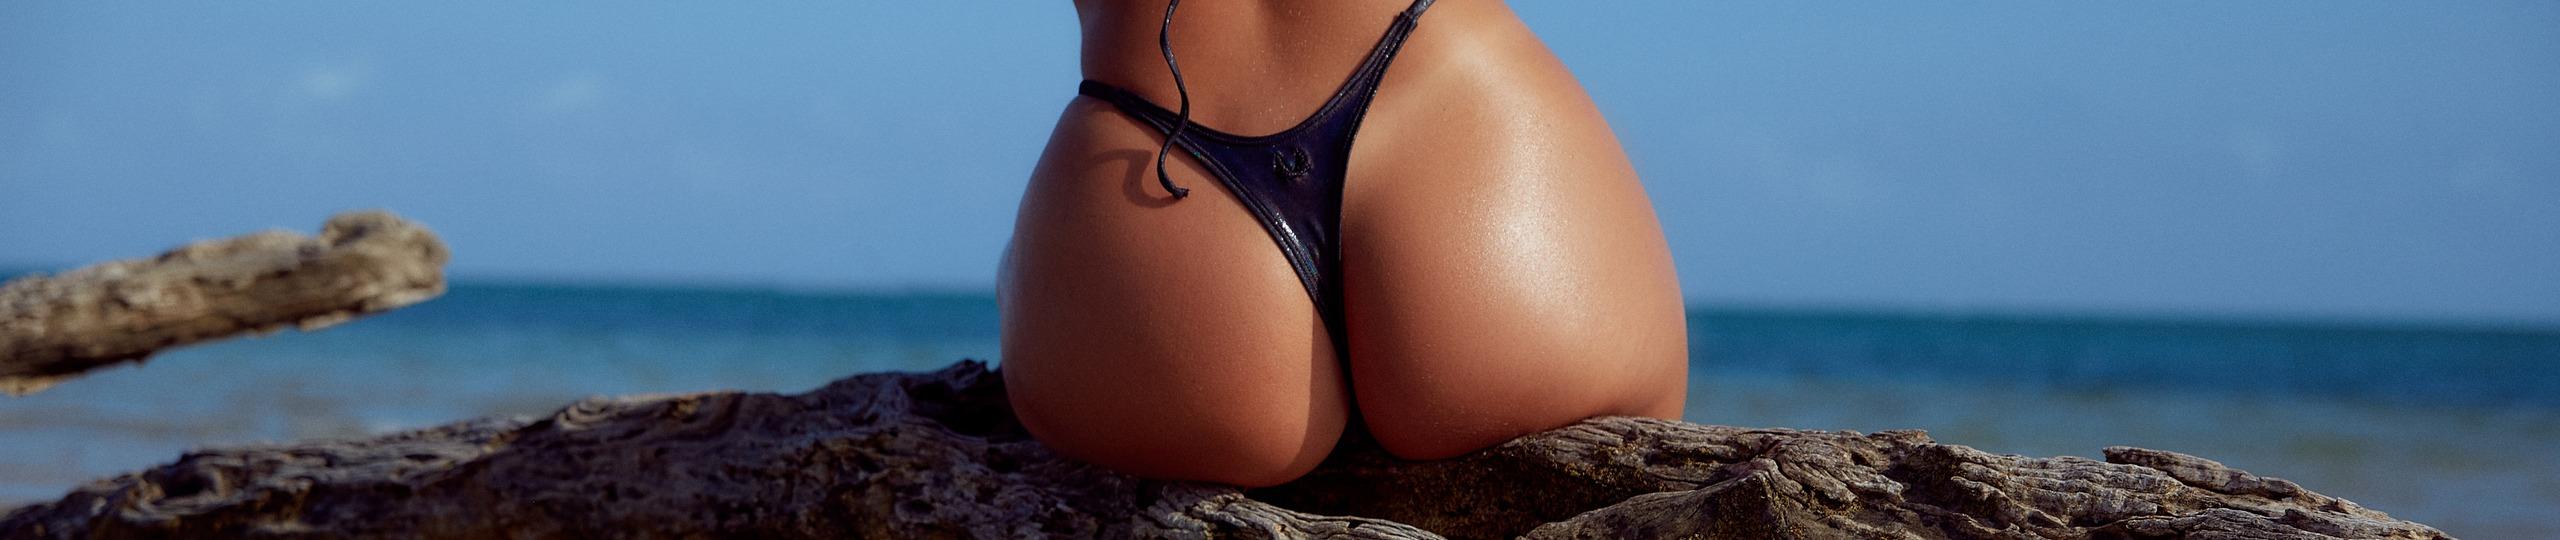 Stefy Alcaras - profile image